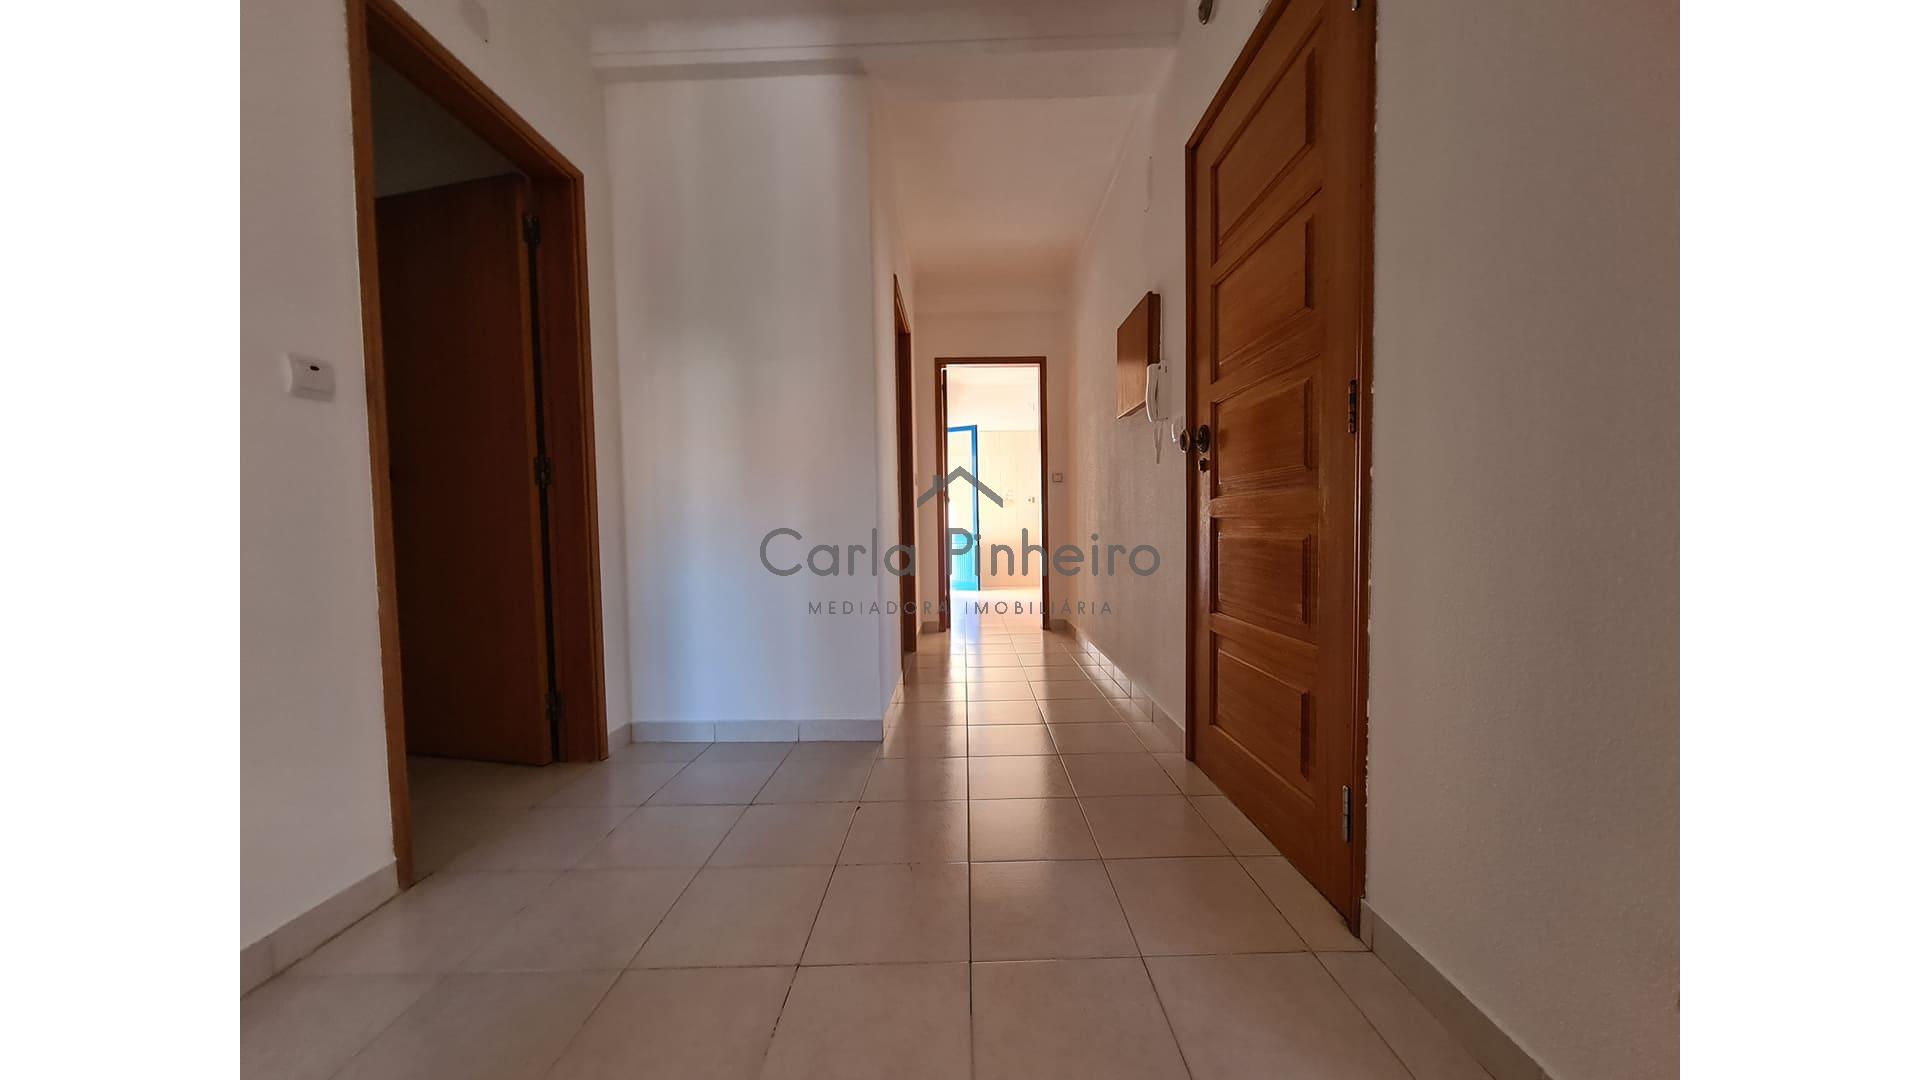 Apartamento T3 em Cercal do Alentejo  - Santiago Do Cacém, Cercal